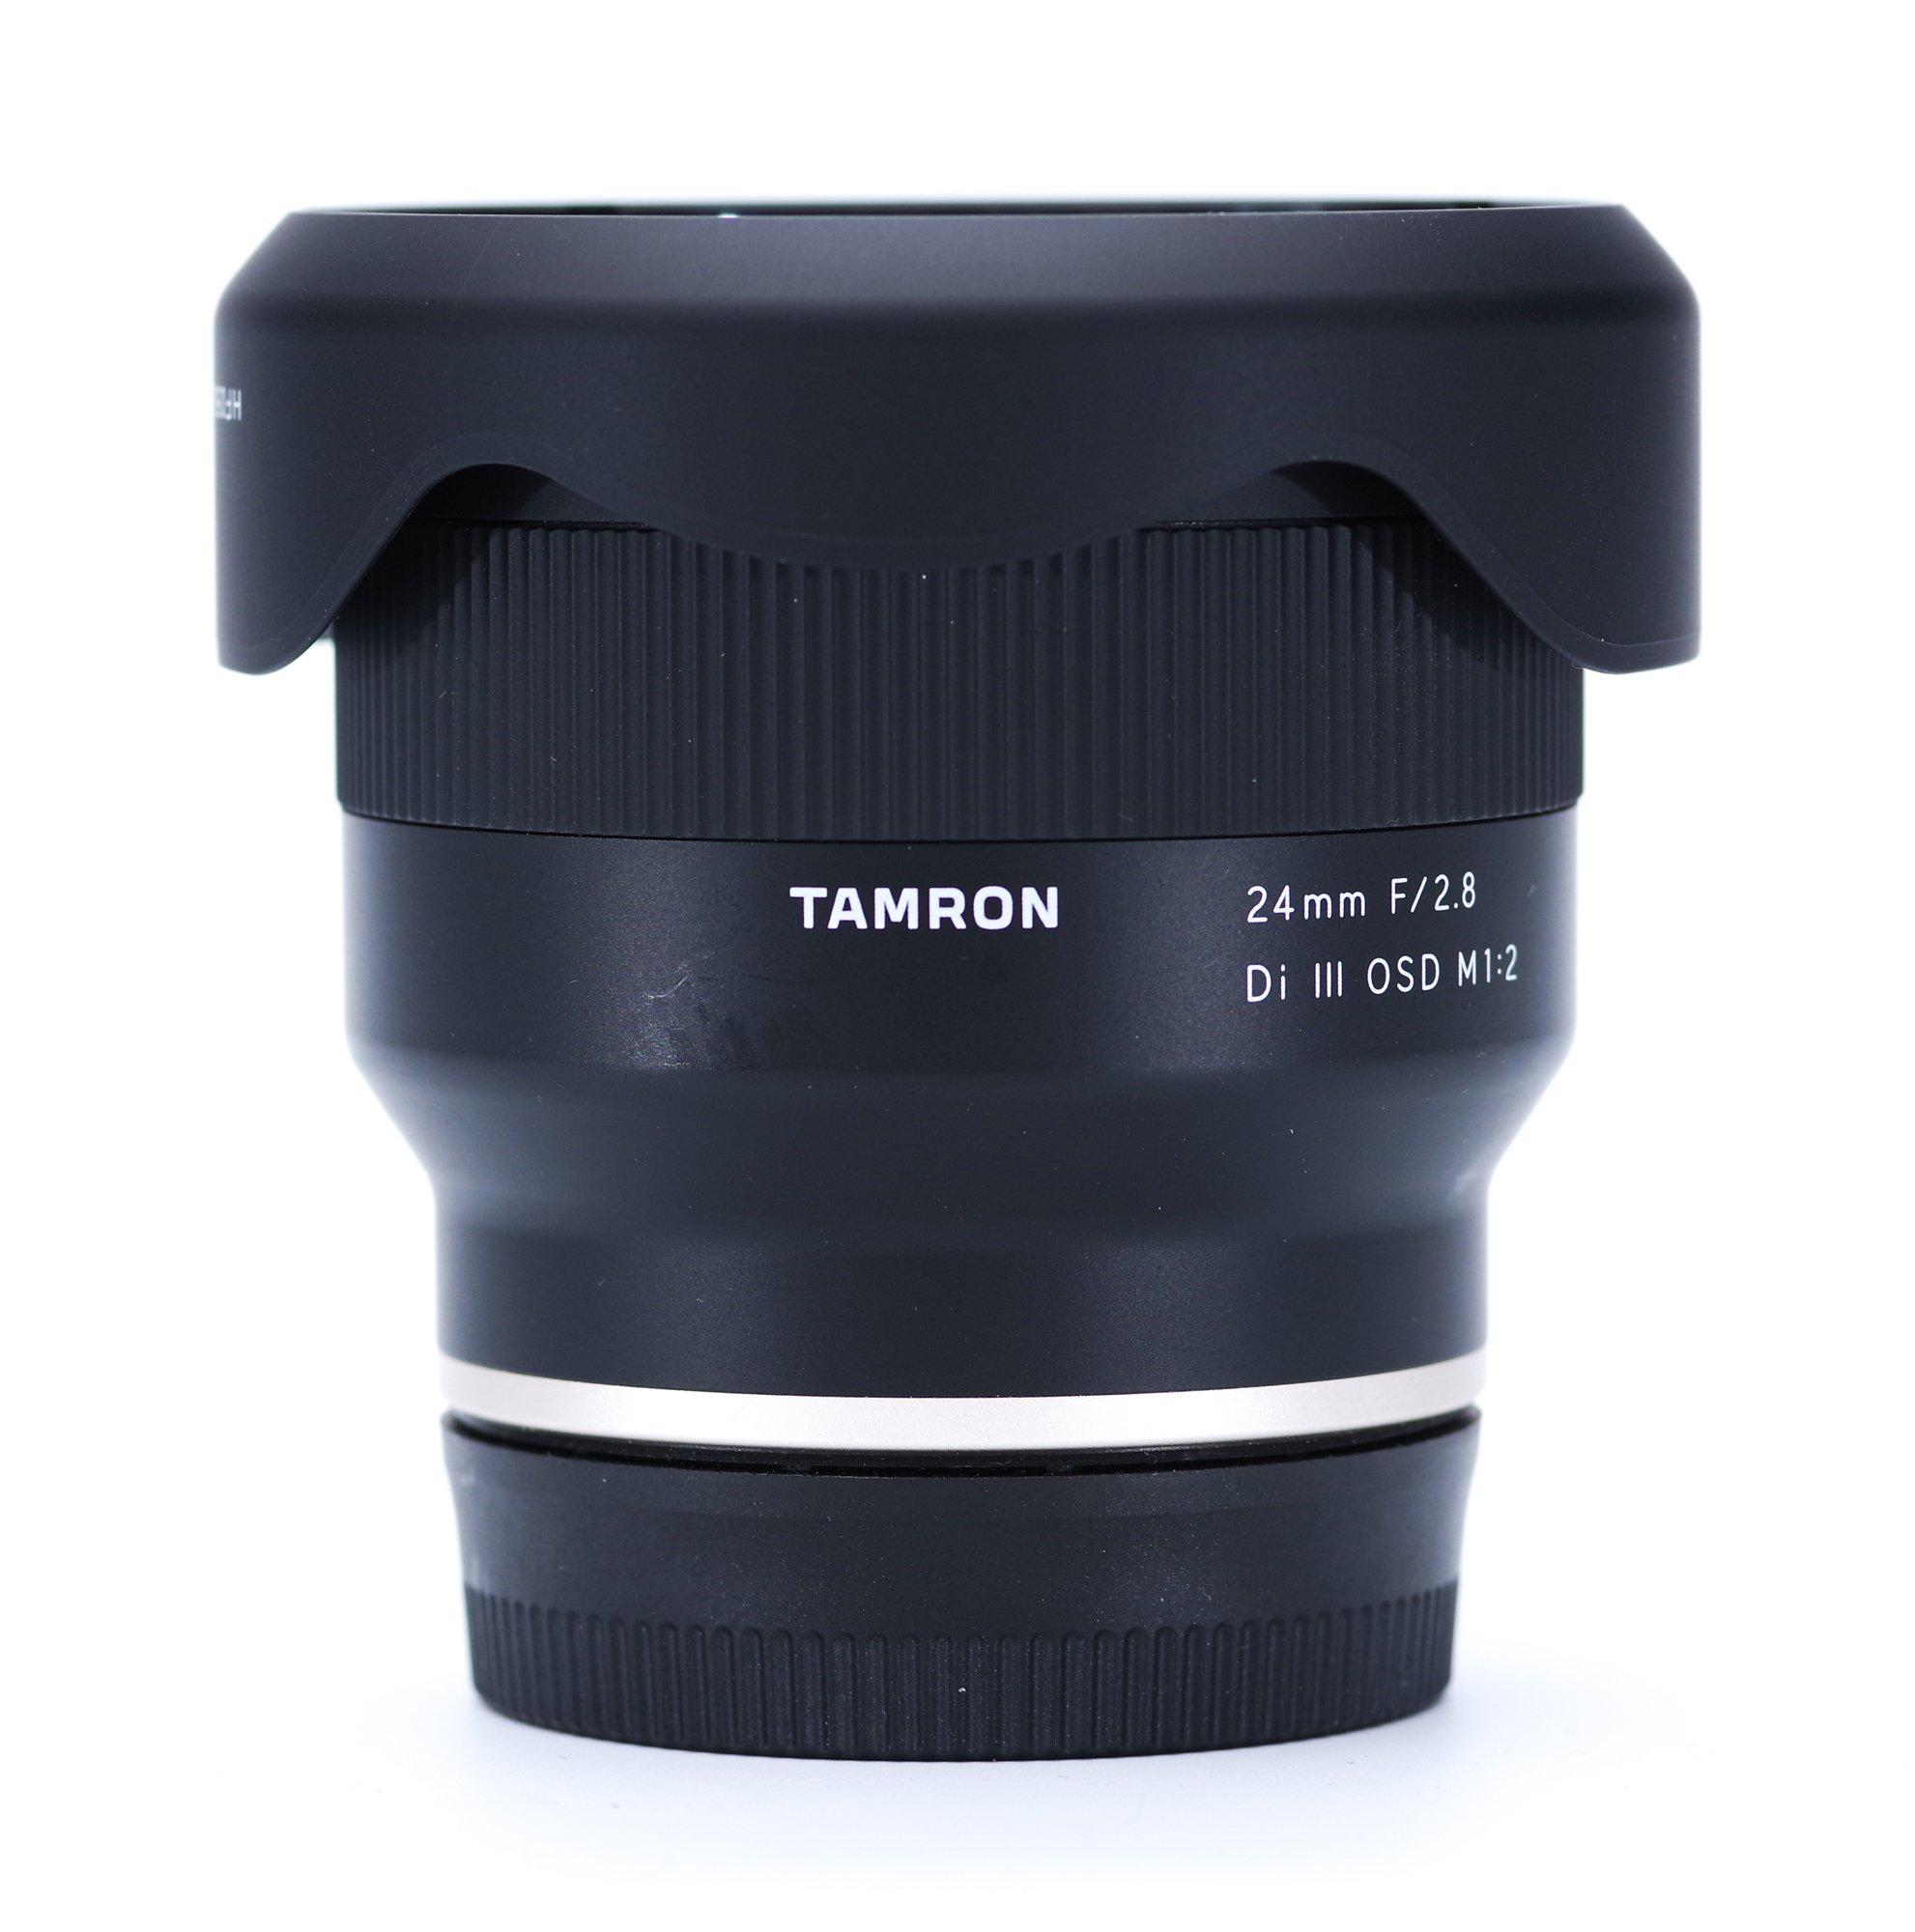 Tamron 24mm